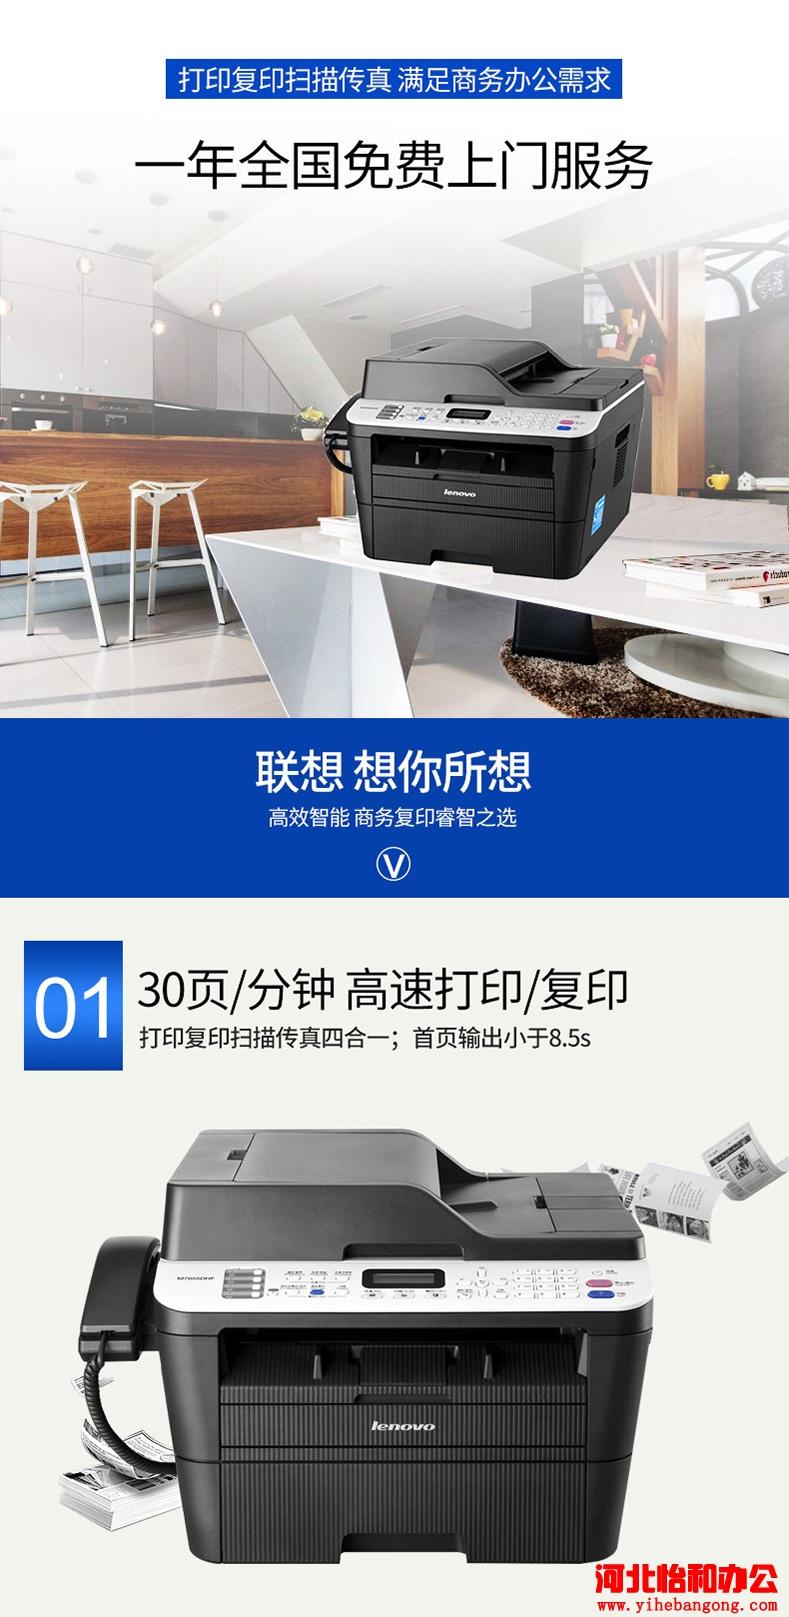 石家庄联想打印机维修